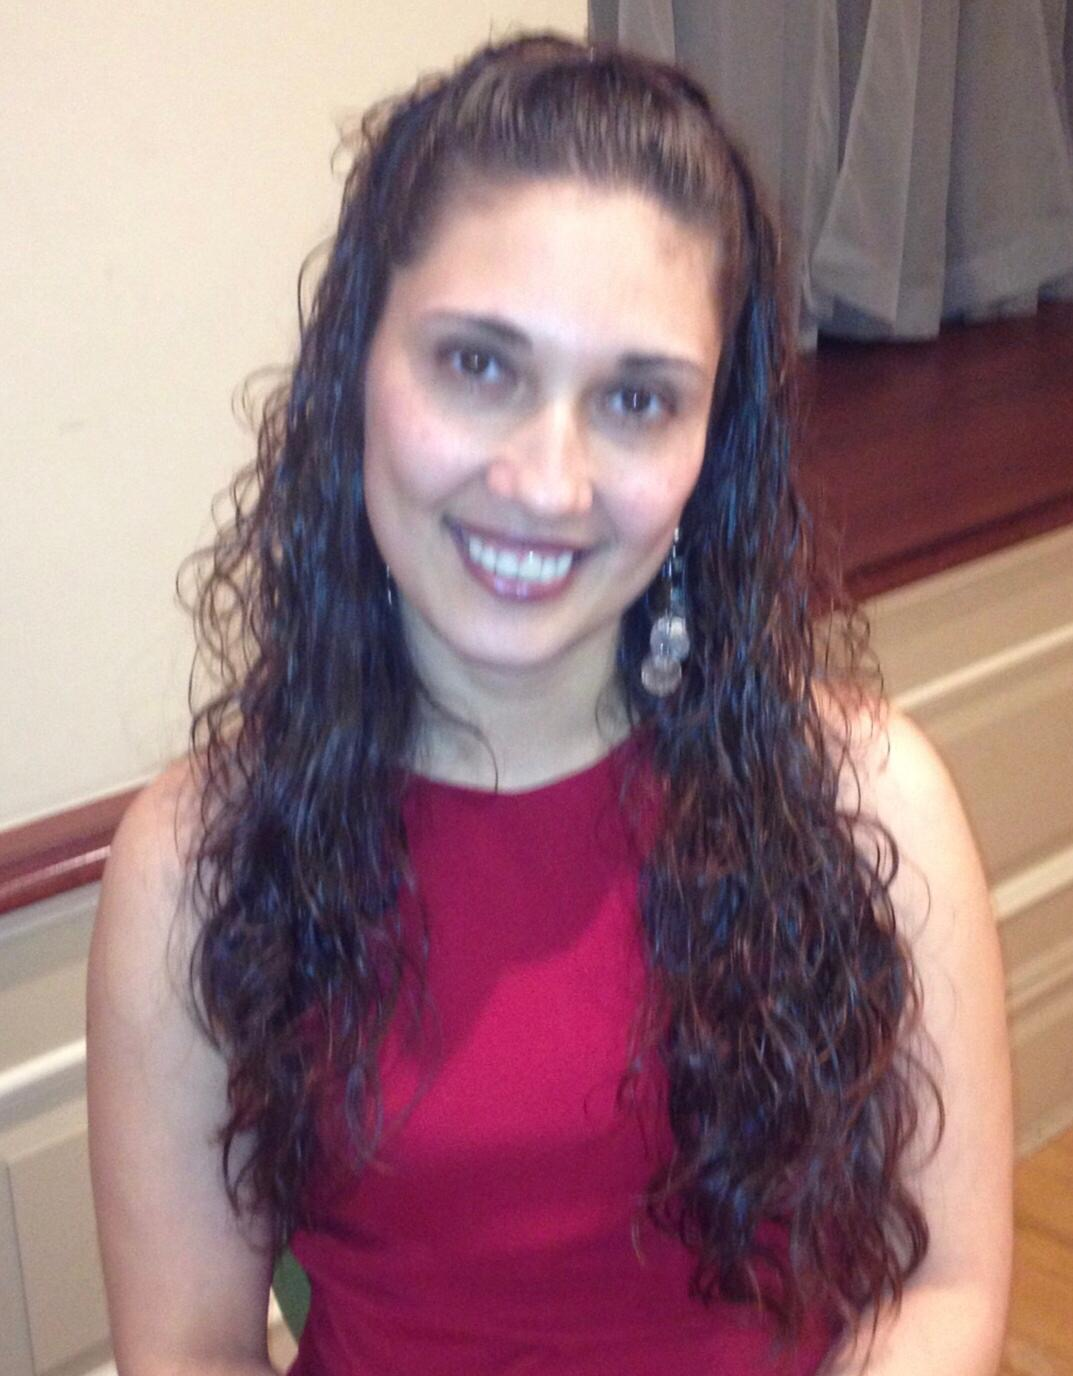 Elizabeth Velez